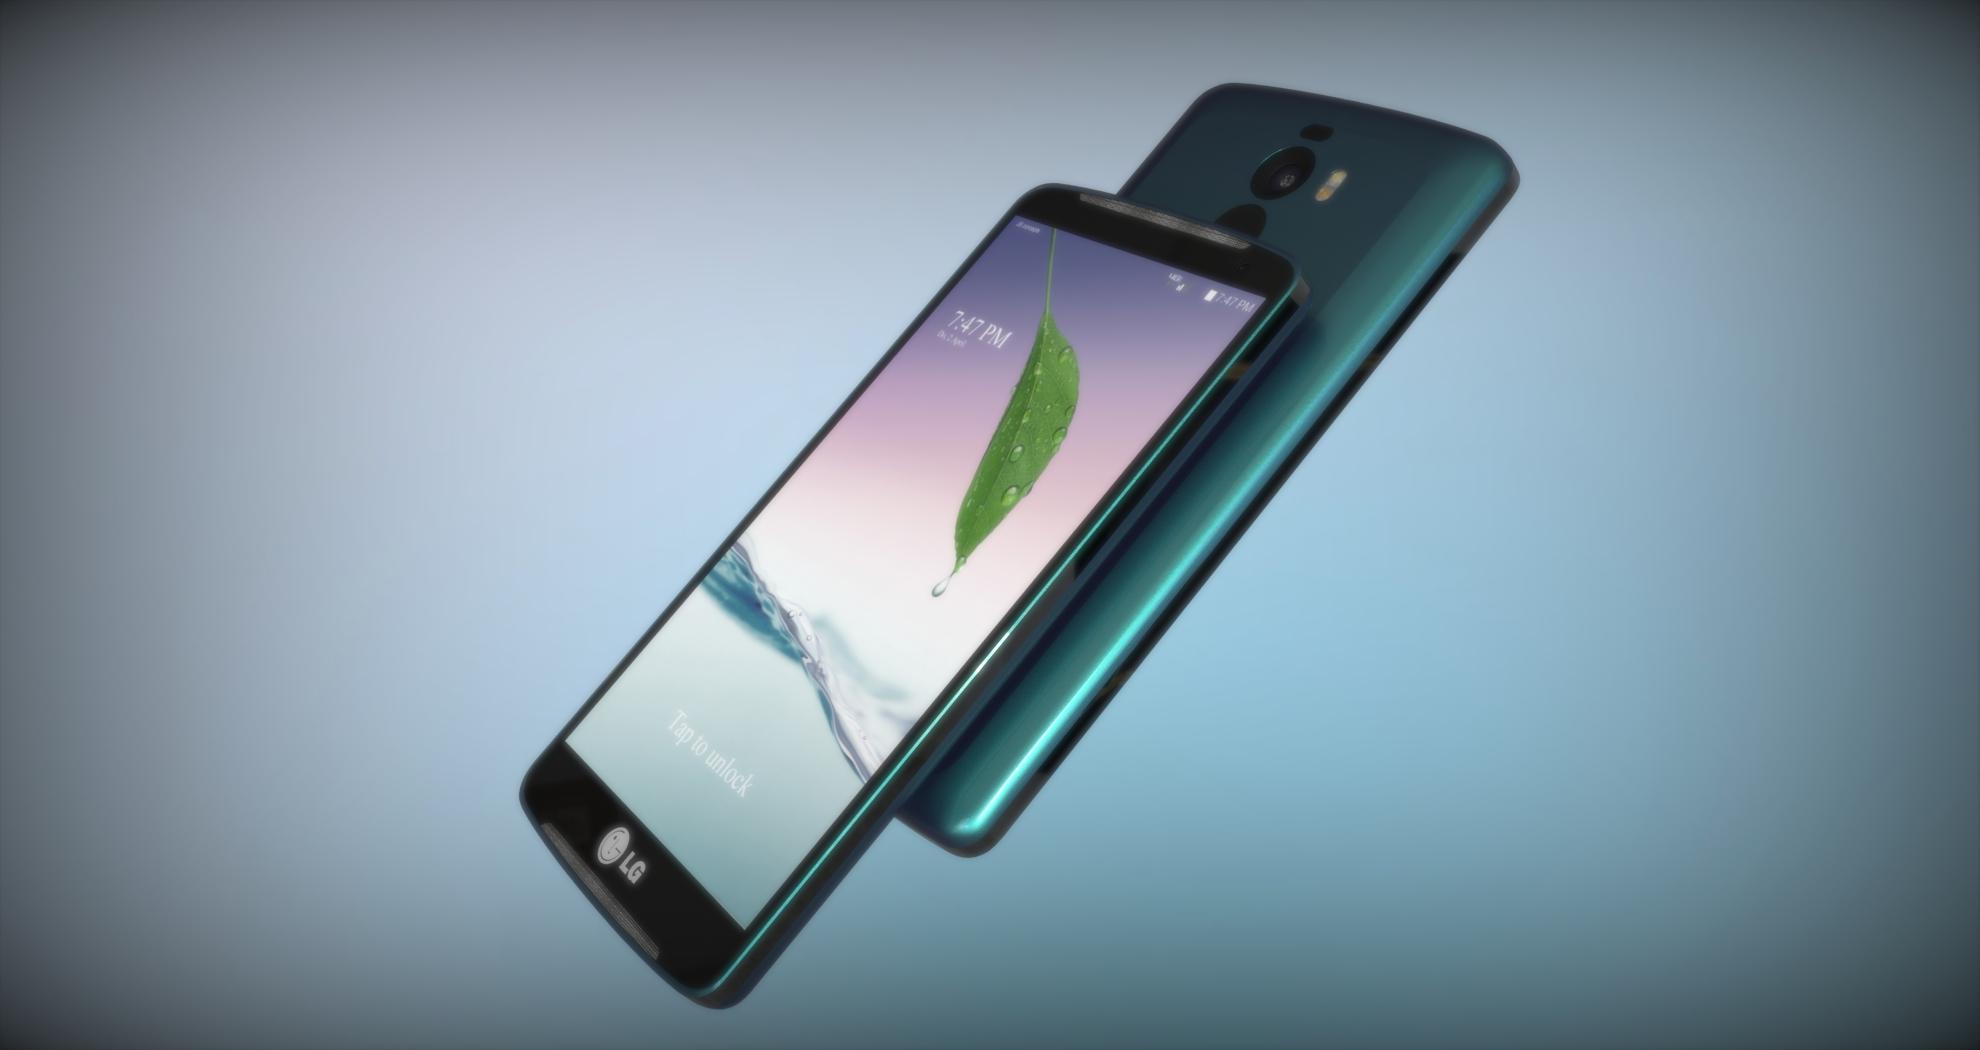 Concepto del LG G4